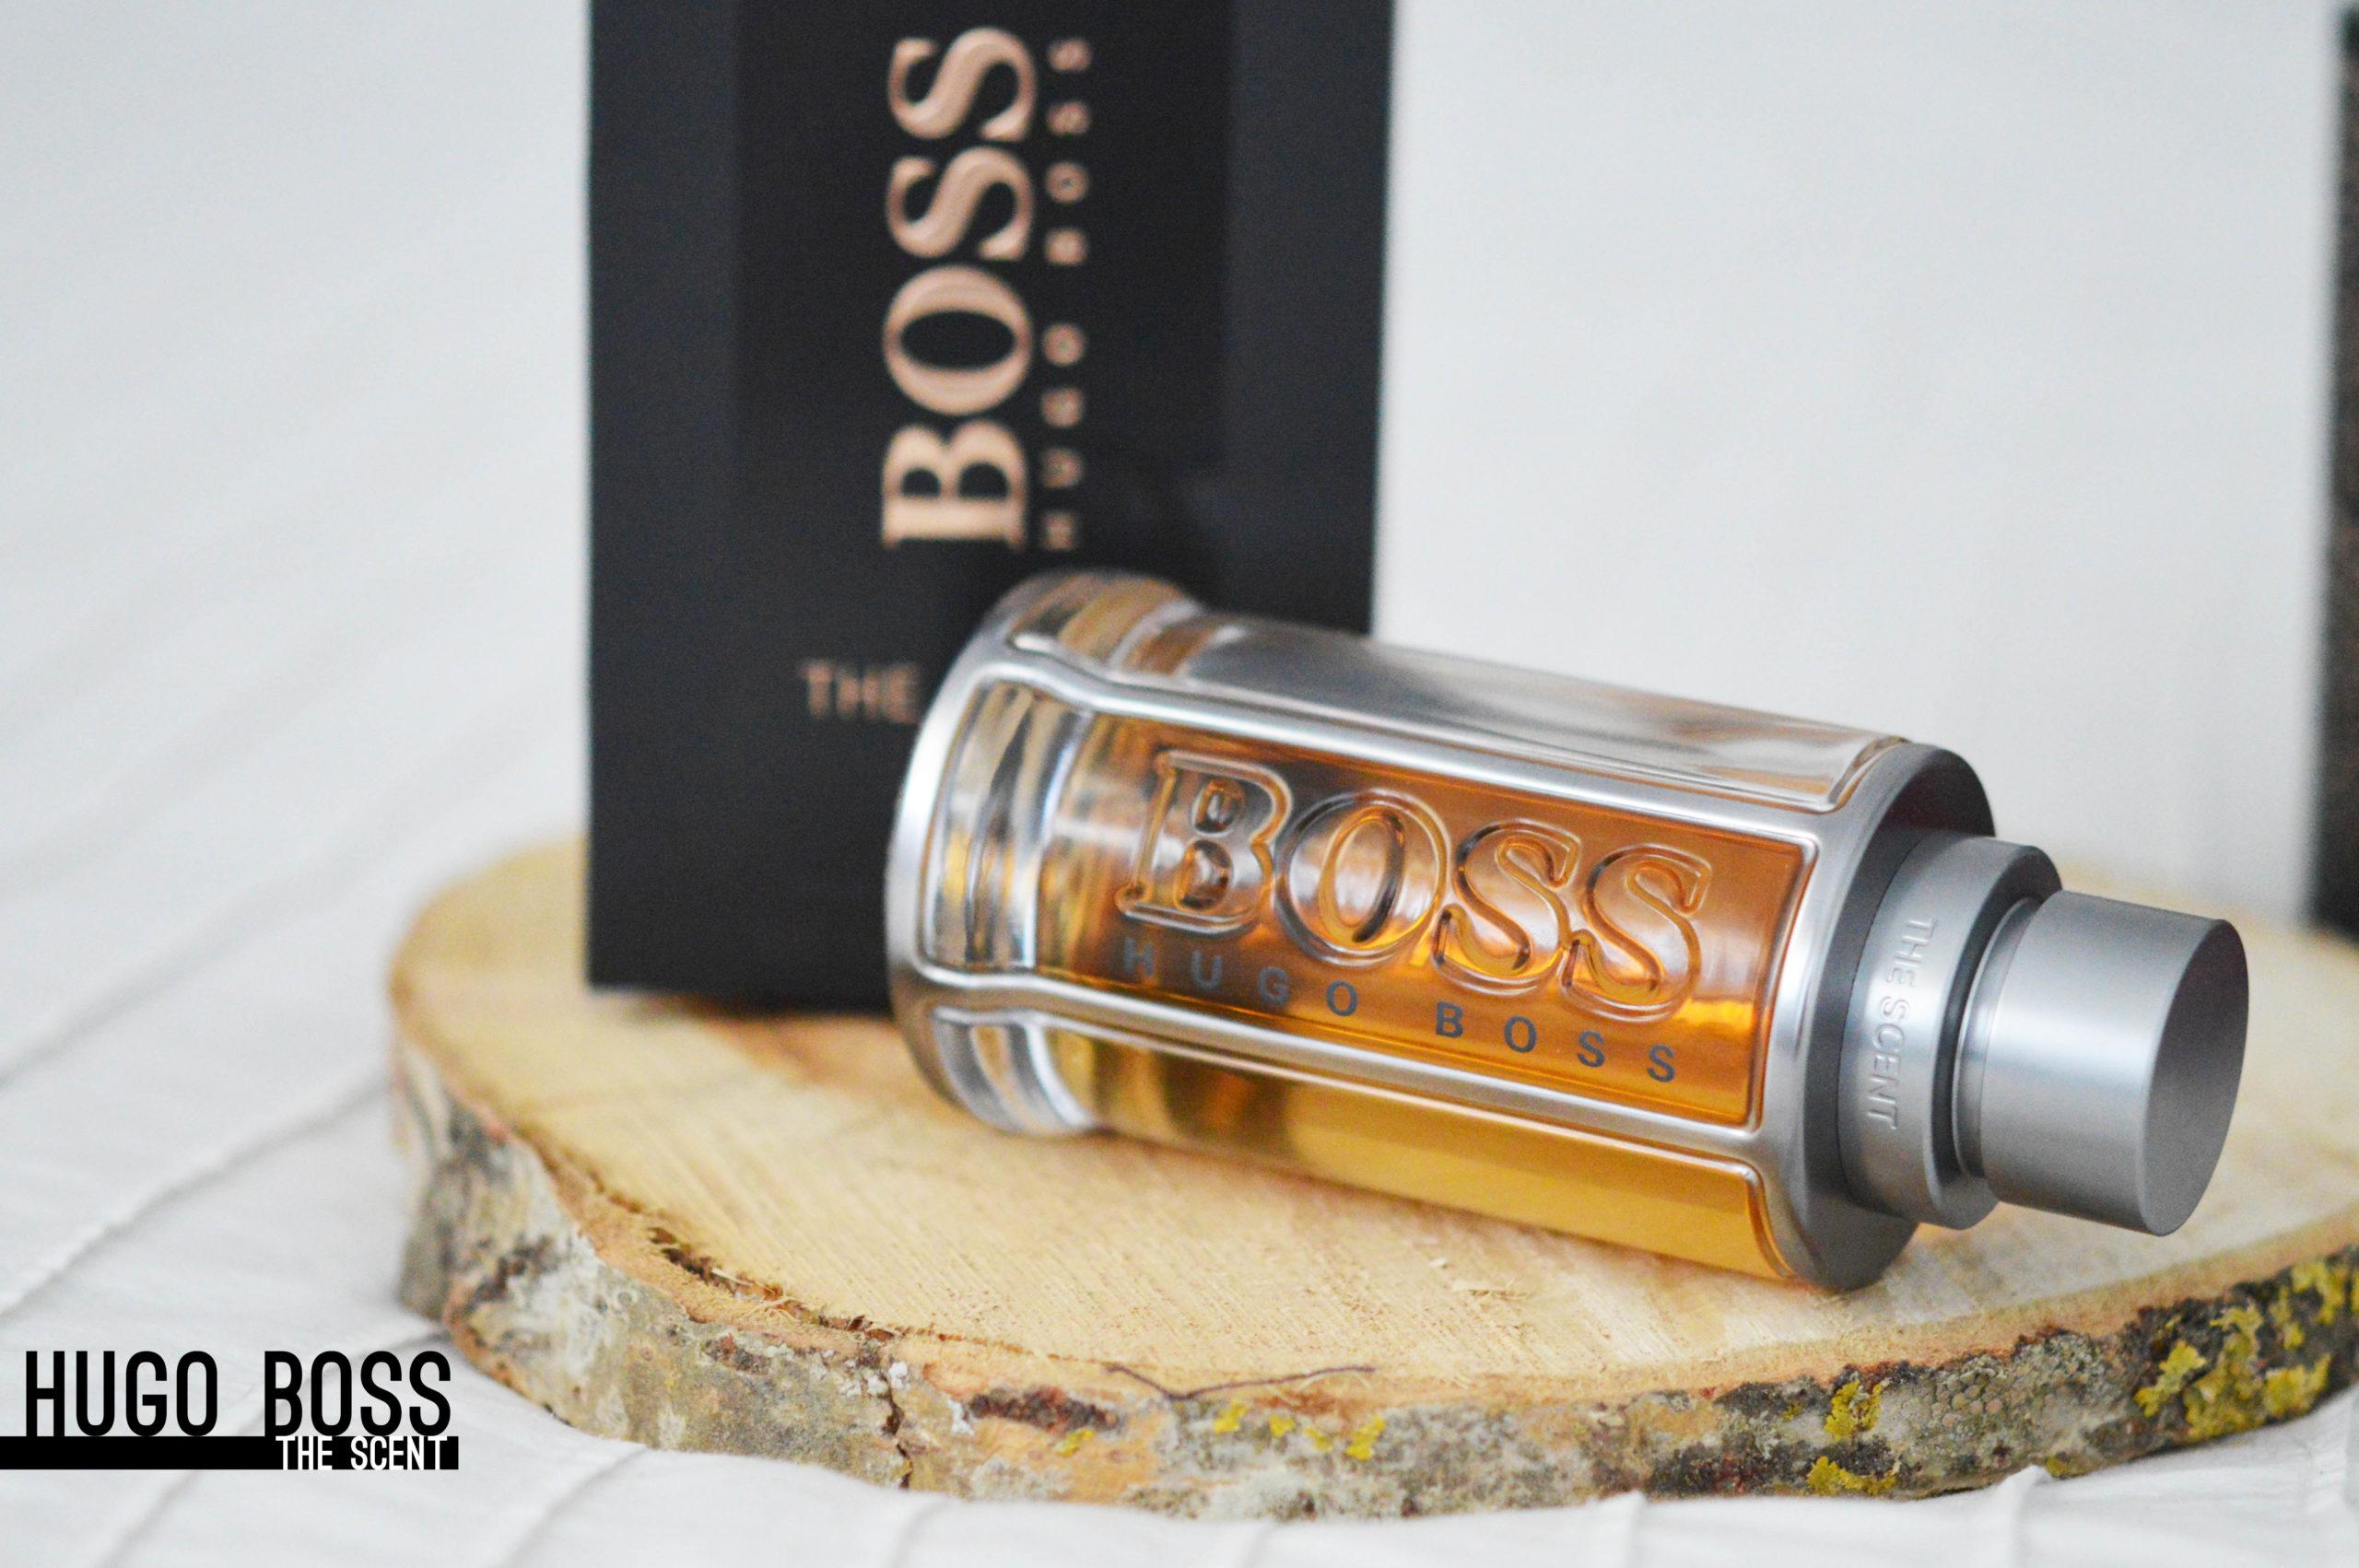 The Scent d'Hugo Boss, un flacon résolument masculin